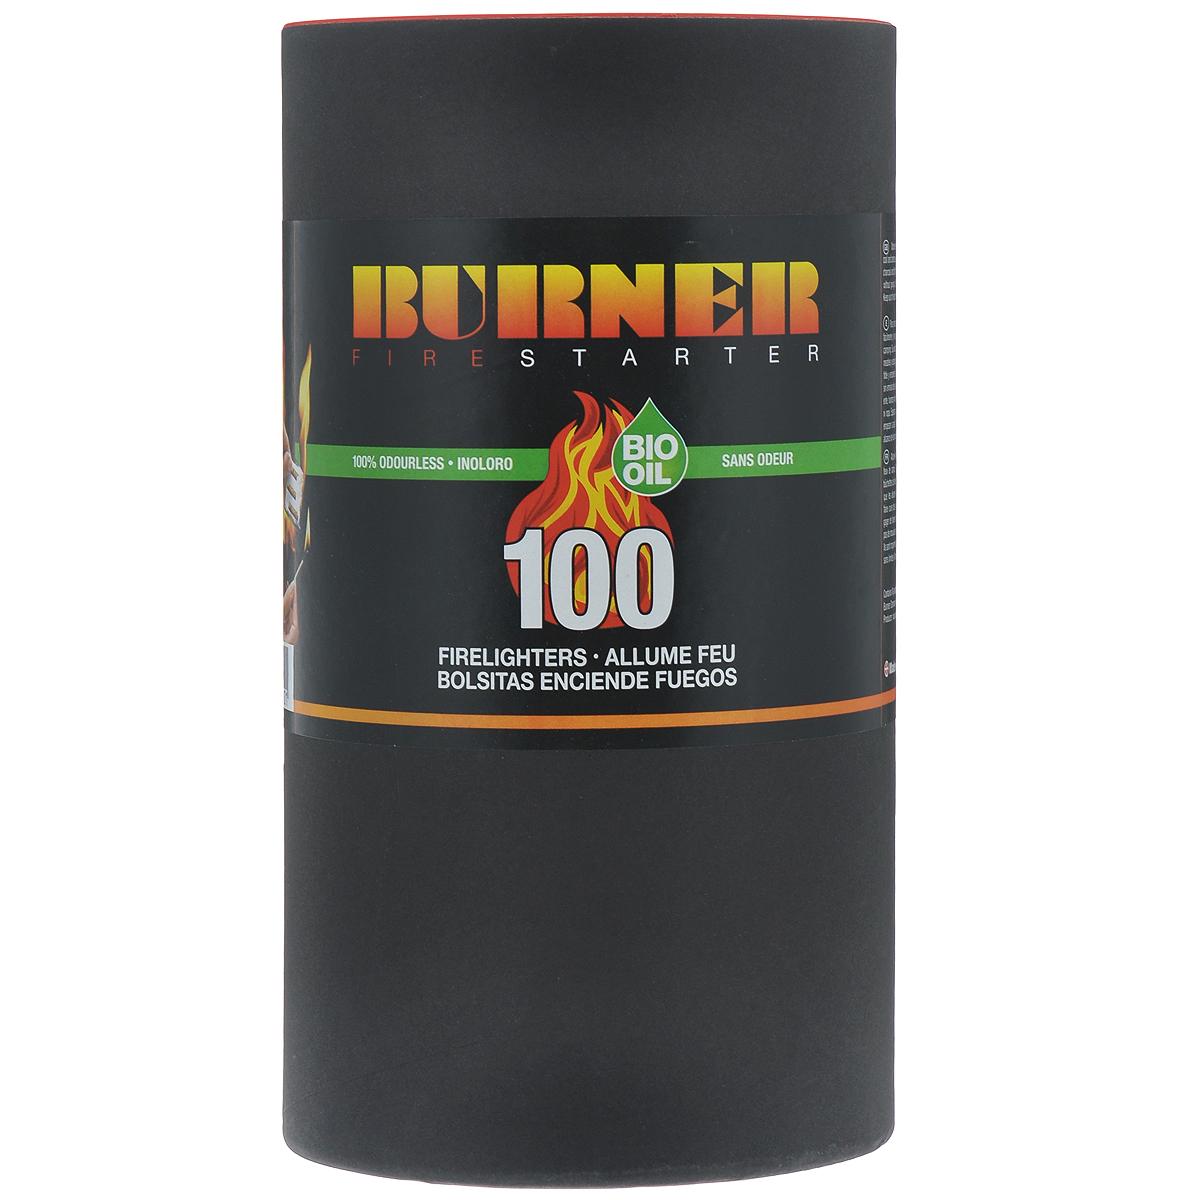 Средство для розжига Burner, в бочонке, 100 пакетов23100Розжиг Burner экологически безопасен, удобен в хранении и перевозке - никакой грязи и запахов. Идеальное средство для розжига мангалов, каминов, печей и костров. Кроме того, розжиг Burner не боится сырости и поэтому идеален в походе, на рыбалке, охоте, и в других достаточно экстремальных условиях, когда необходимо разжечь костер для обогрева или приготовления пищи. В комплект входит 100 пакетиков для розжига. Состав: высококачественные N-парафины, растительные масла.